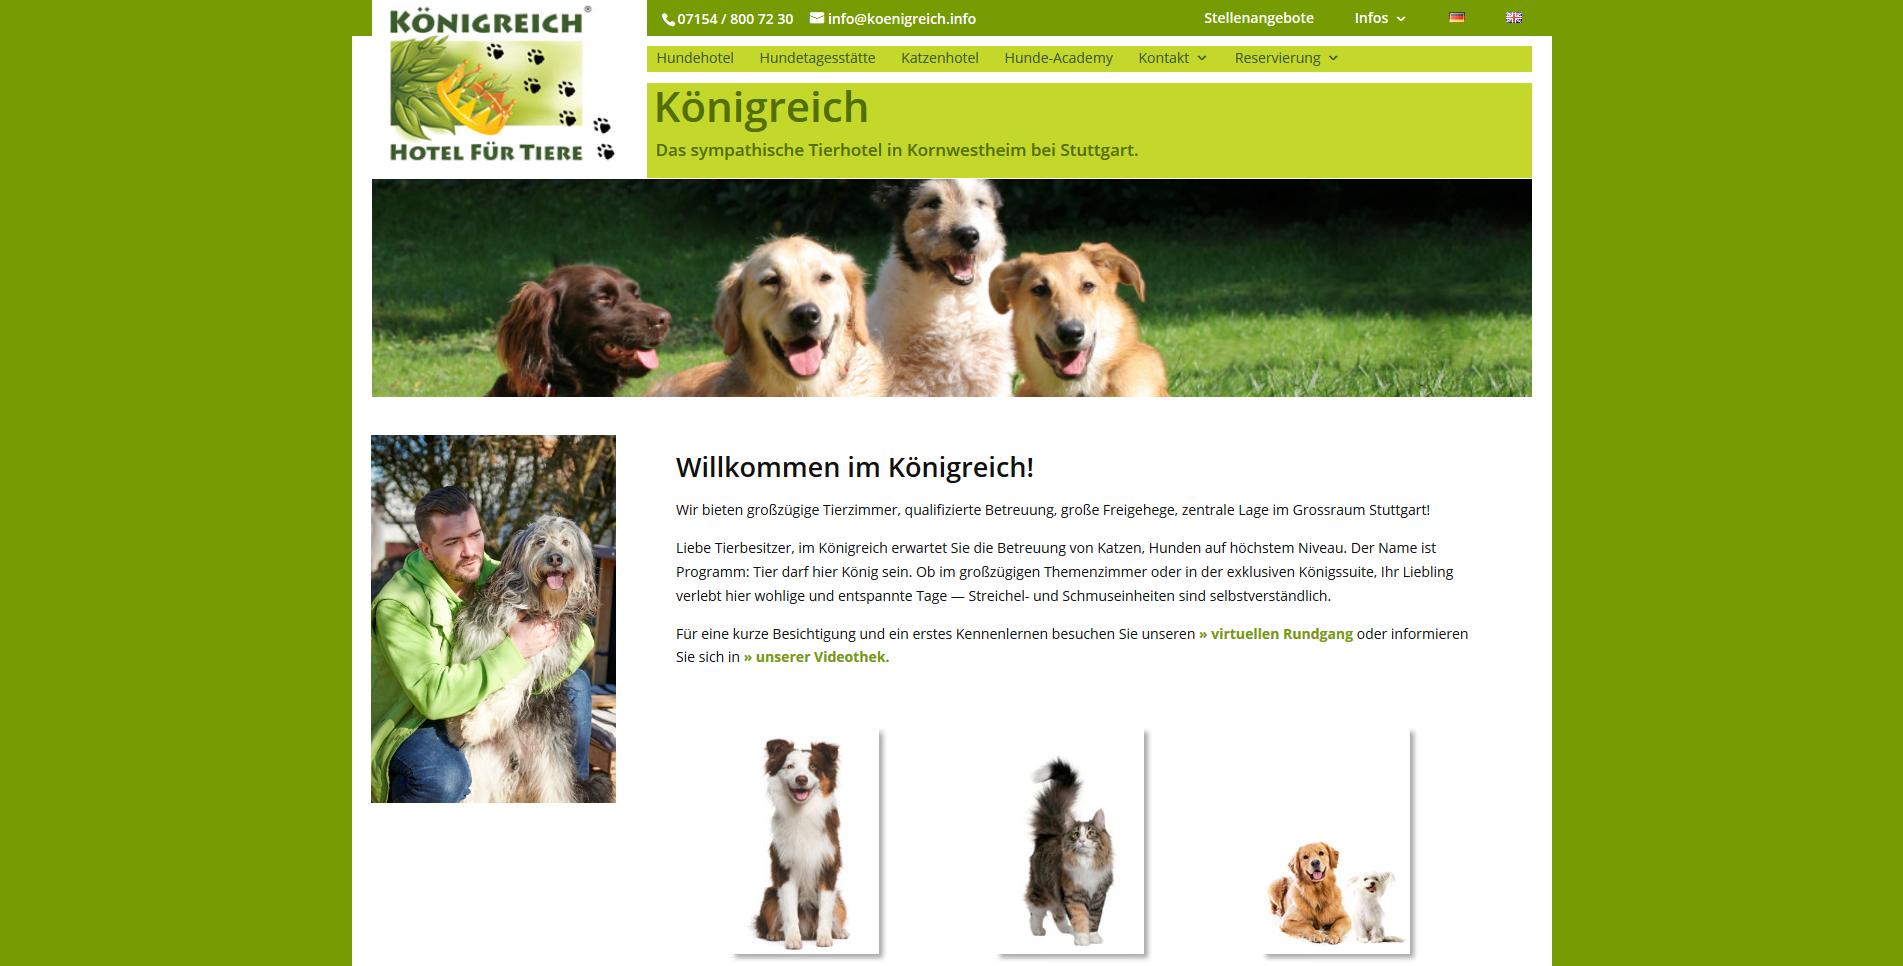 Königreich - Hotel für Tiere